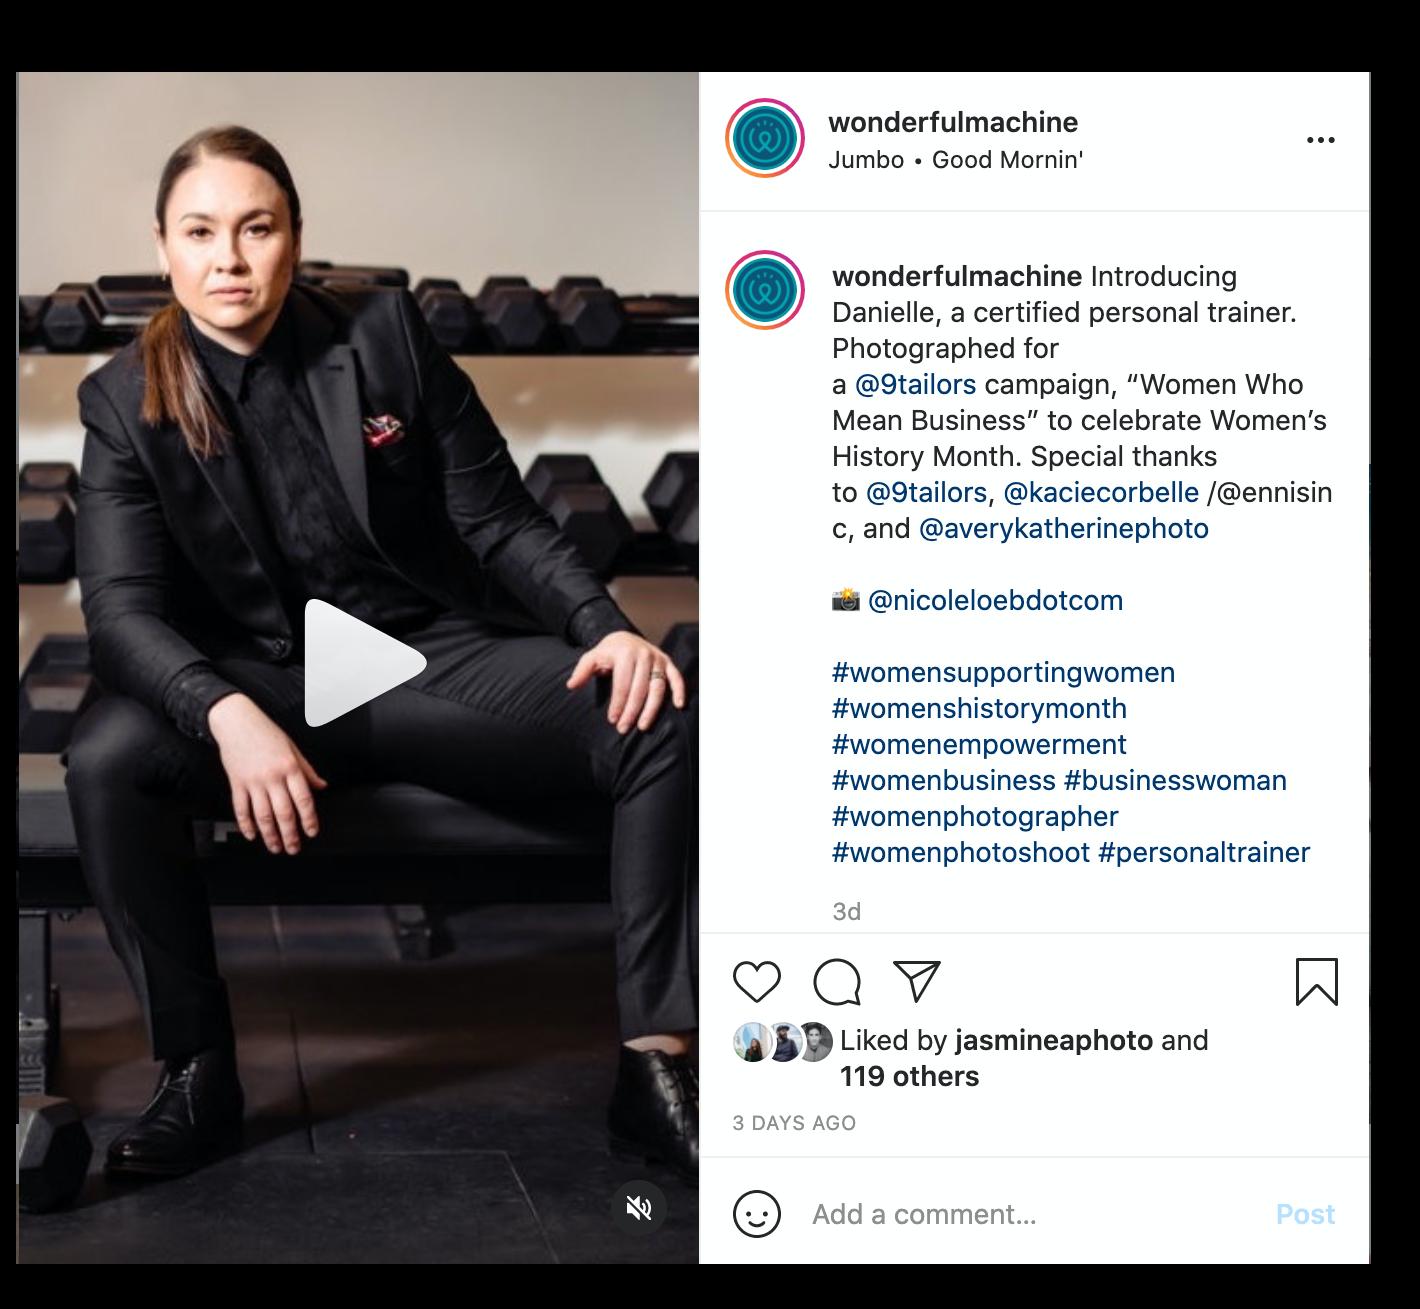 Screenshot of reel on Wonderful Machine Instagram